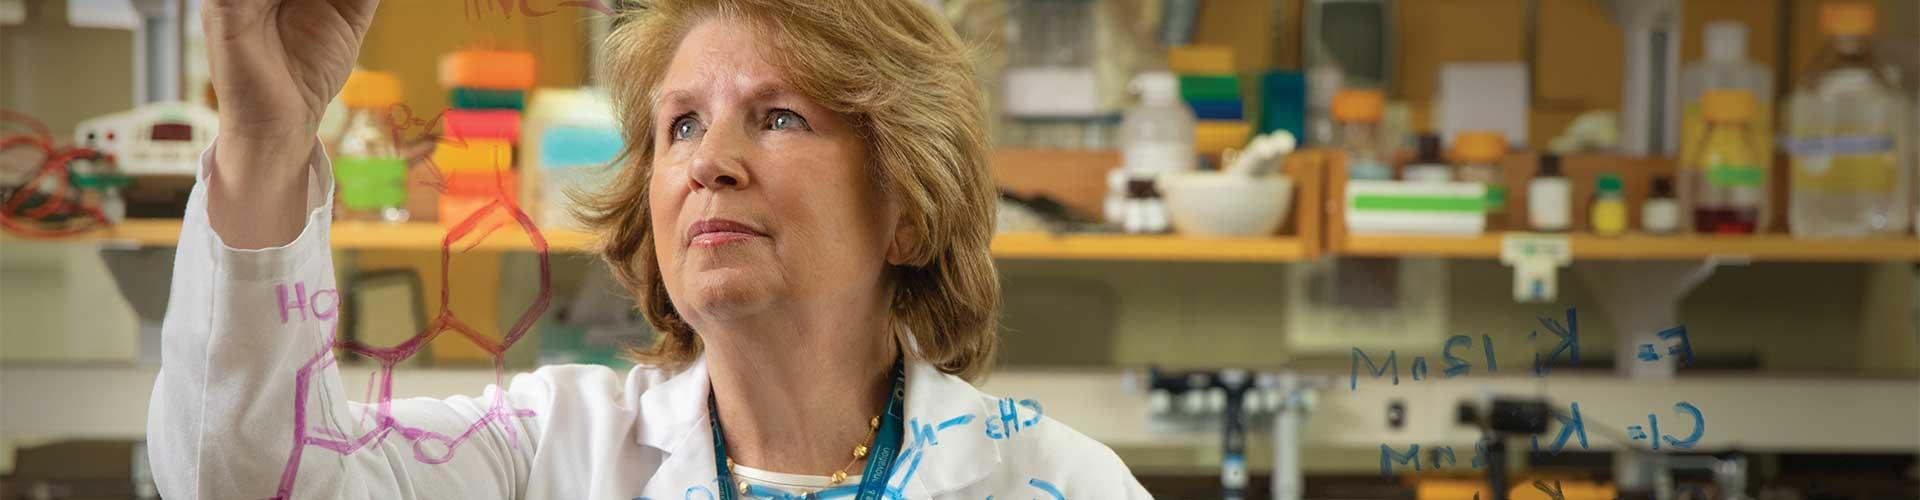 Dr. Bertha Madras works in a lab